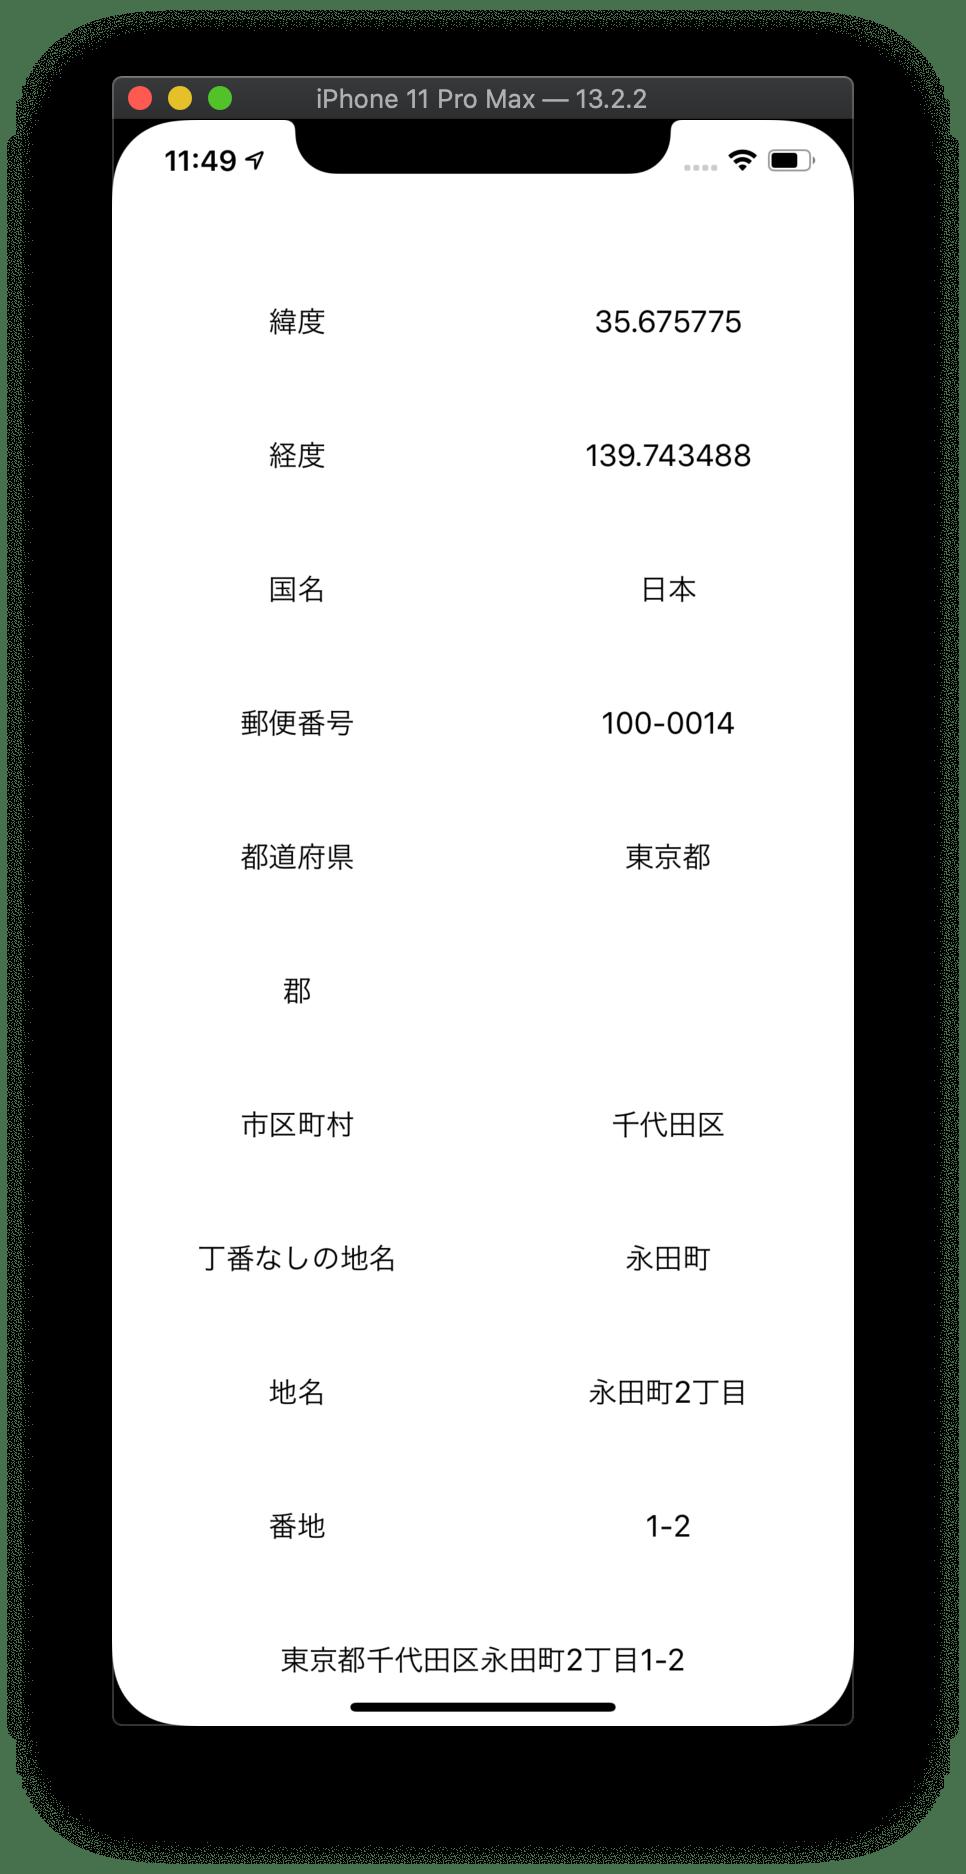 スクリーンショット 2019-11-26 23.49.06.png